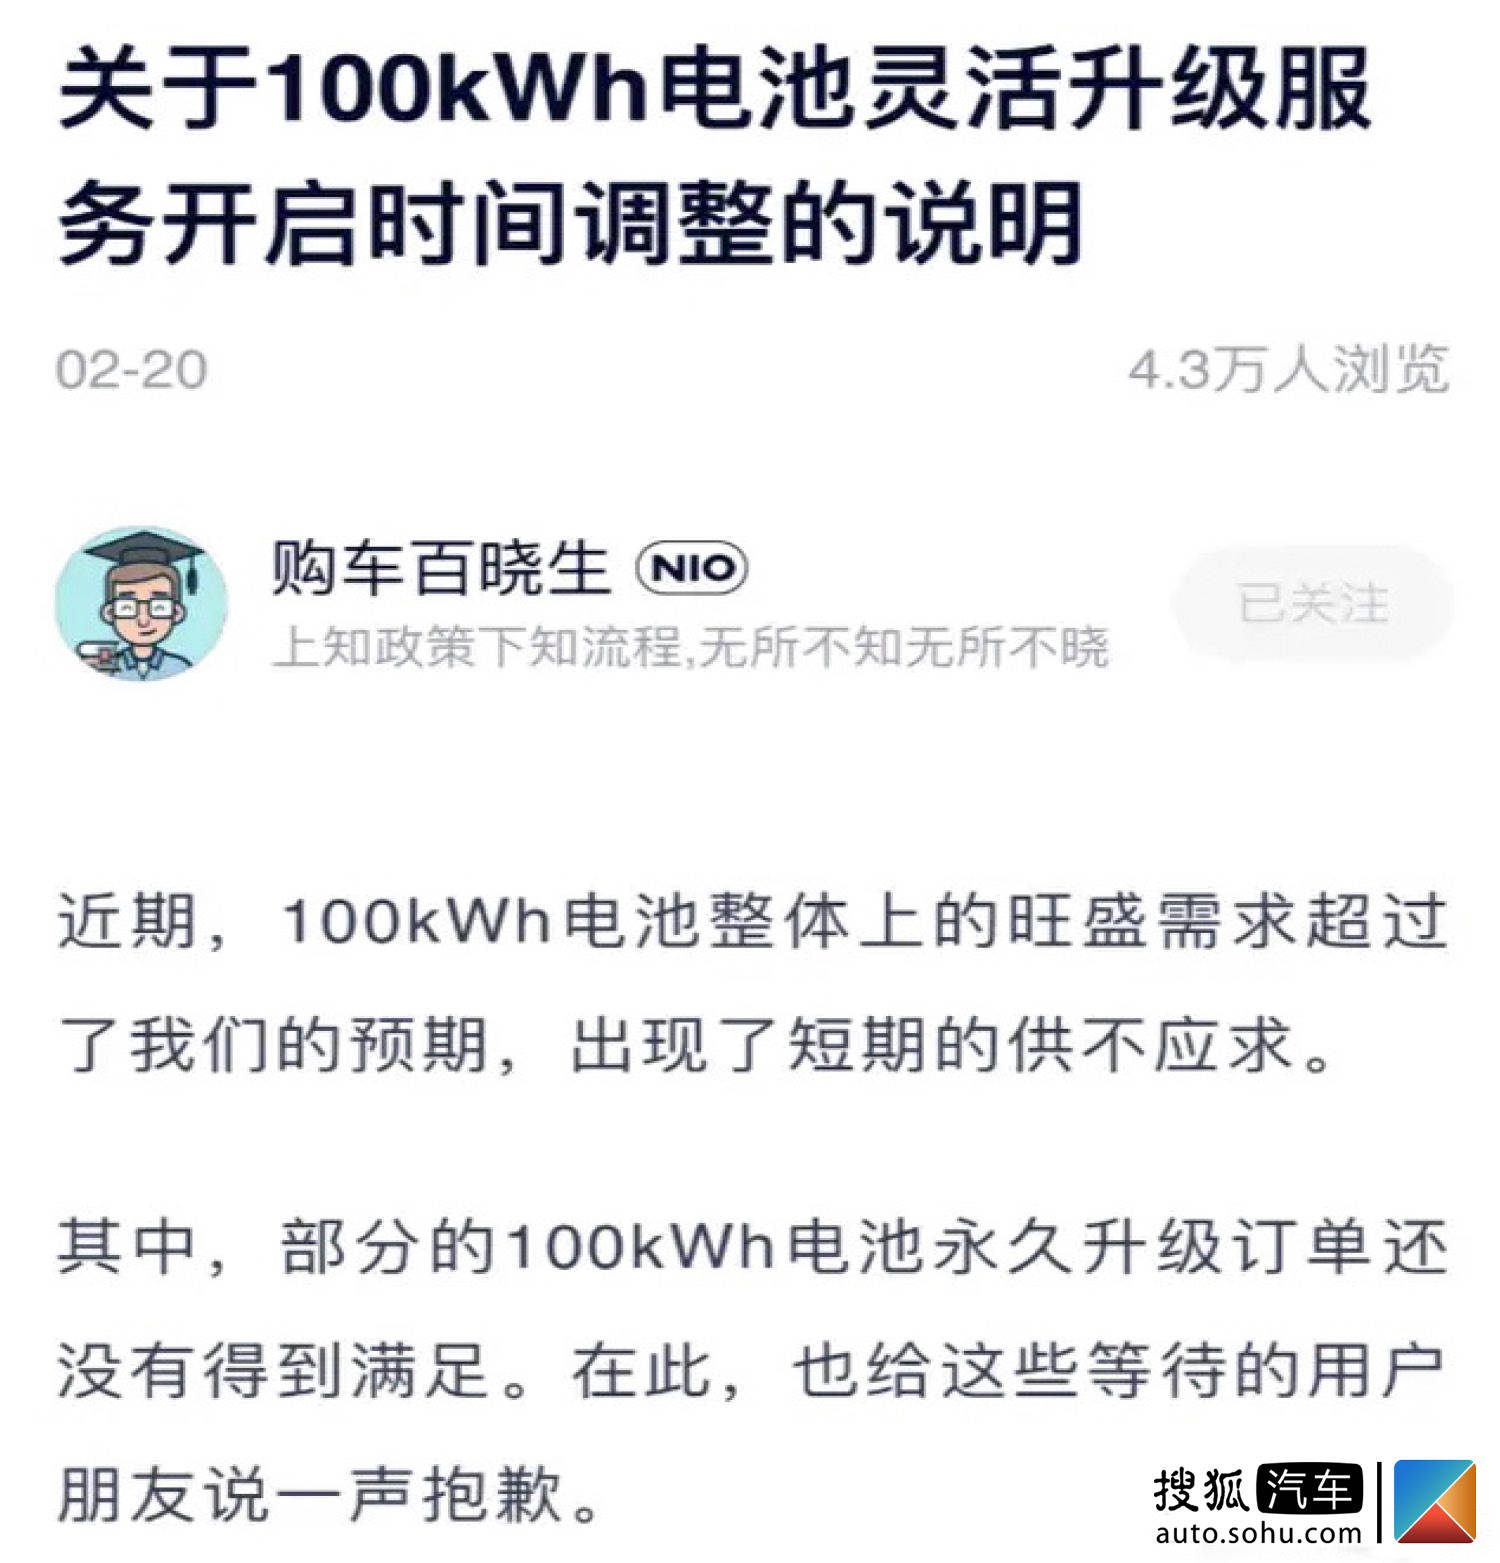 蔚來100kWh電池包供不應求 靈活升級延期兩個月